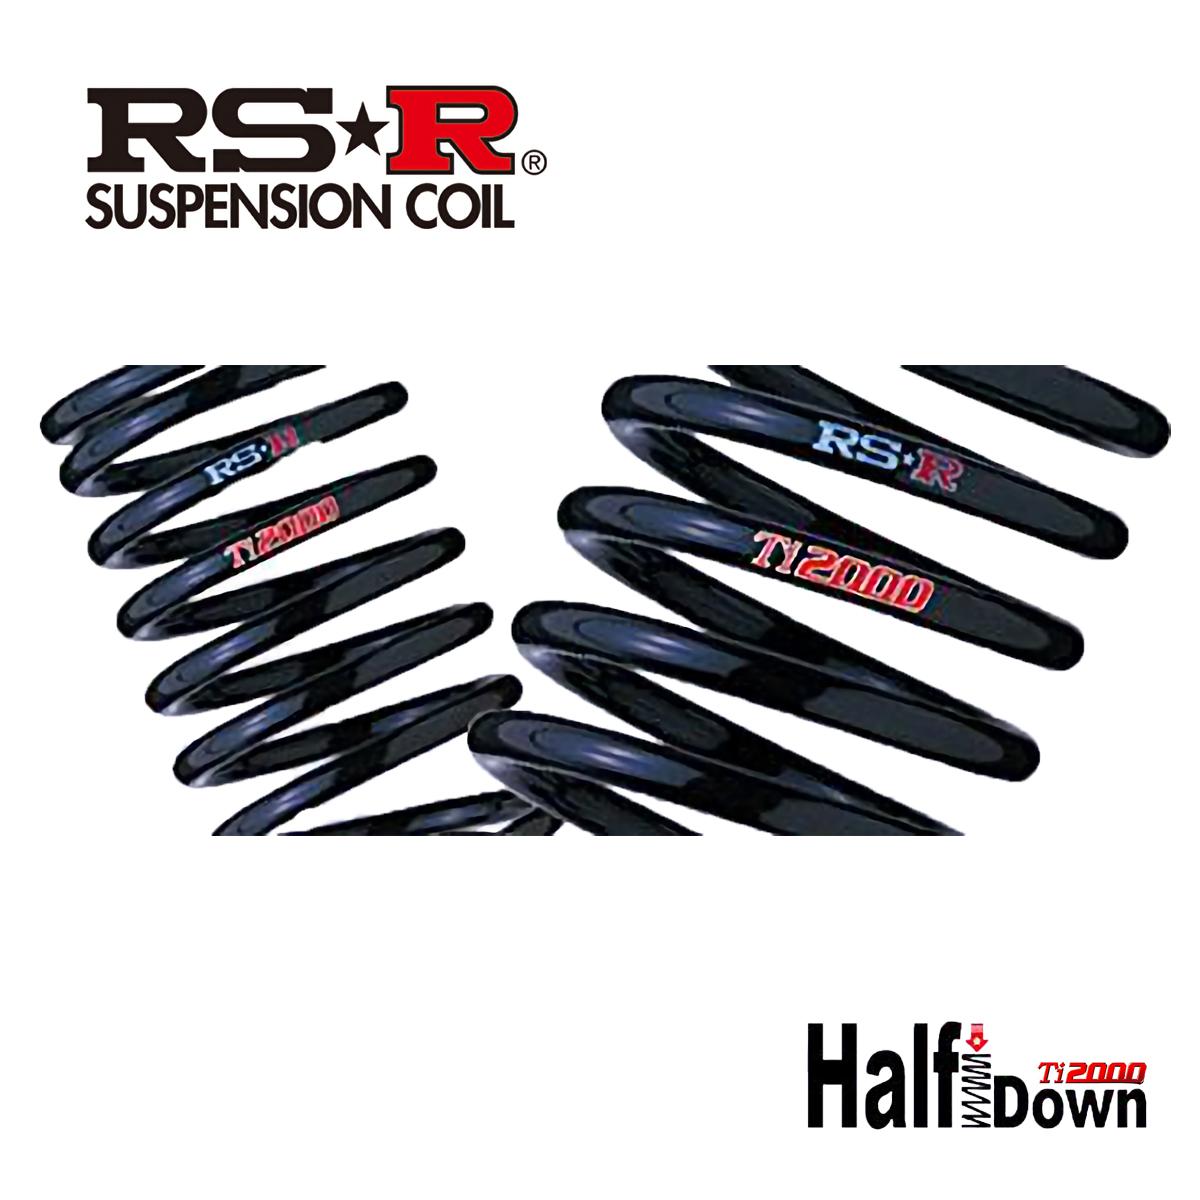 RS-R デイズ B45W ハイウェイスターGターボ ダウンサス スプリング リア N511THDR Ti2000 ハーフダウン RSR 個人宅発送追金有